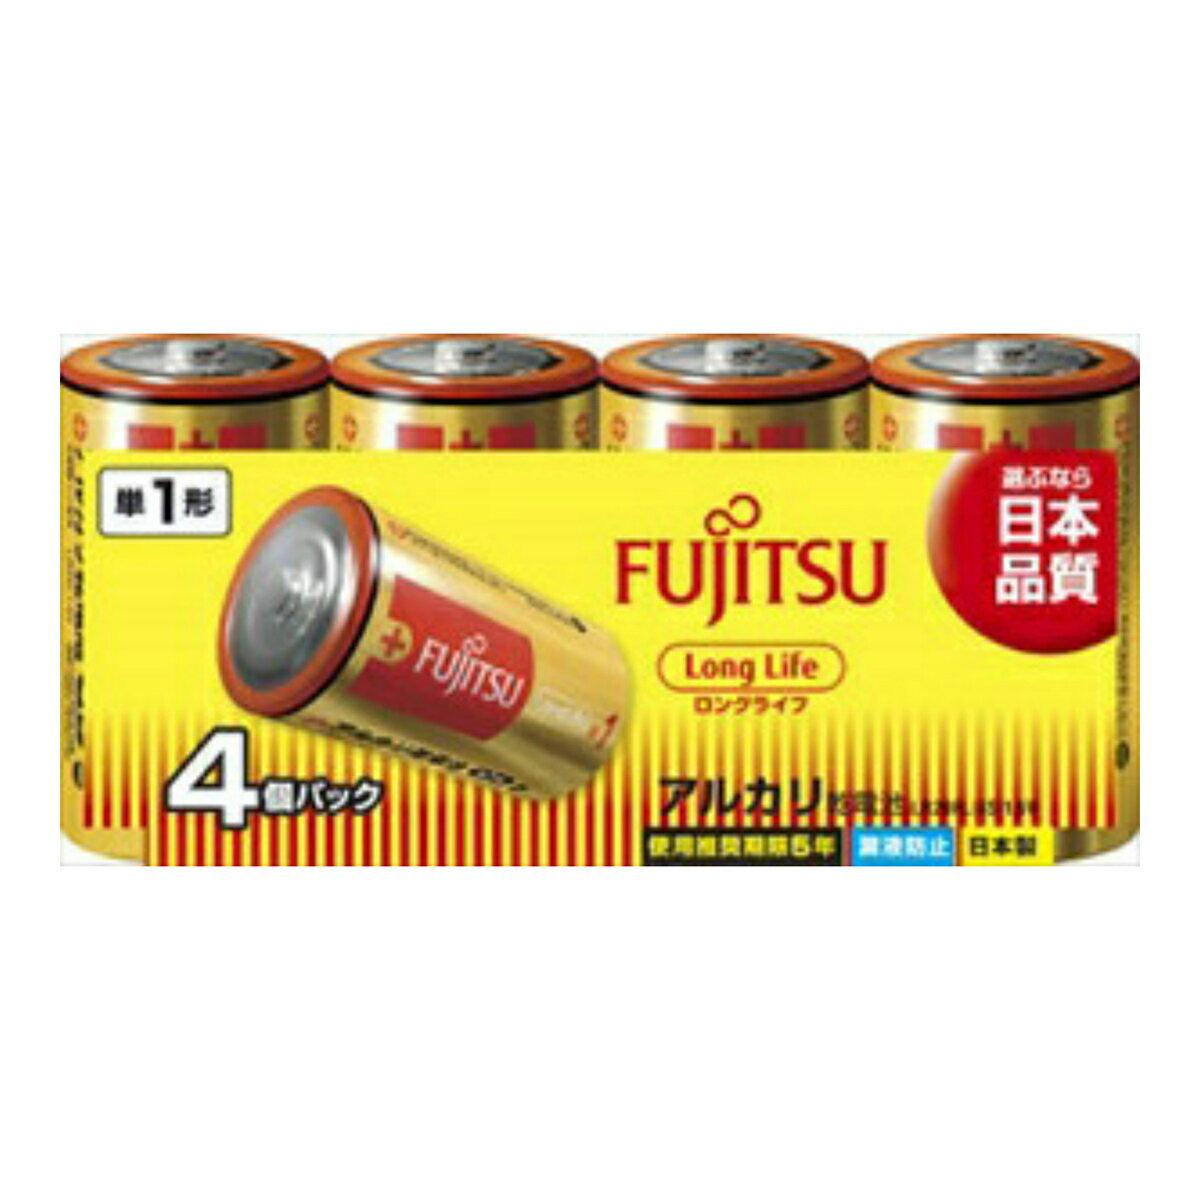 【勤労感謝の日セール!】 富士通 FUJITSU アルカリ乾電池 単一 4本パック ロングライフLongLifeー単1・4個 LR20FL ( 4S ) ( 4976680276003 )